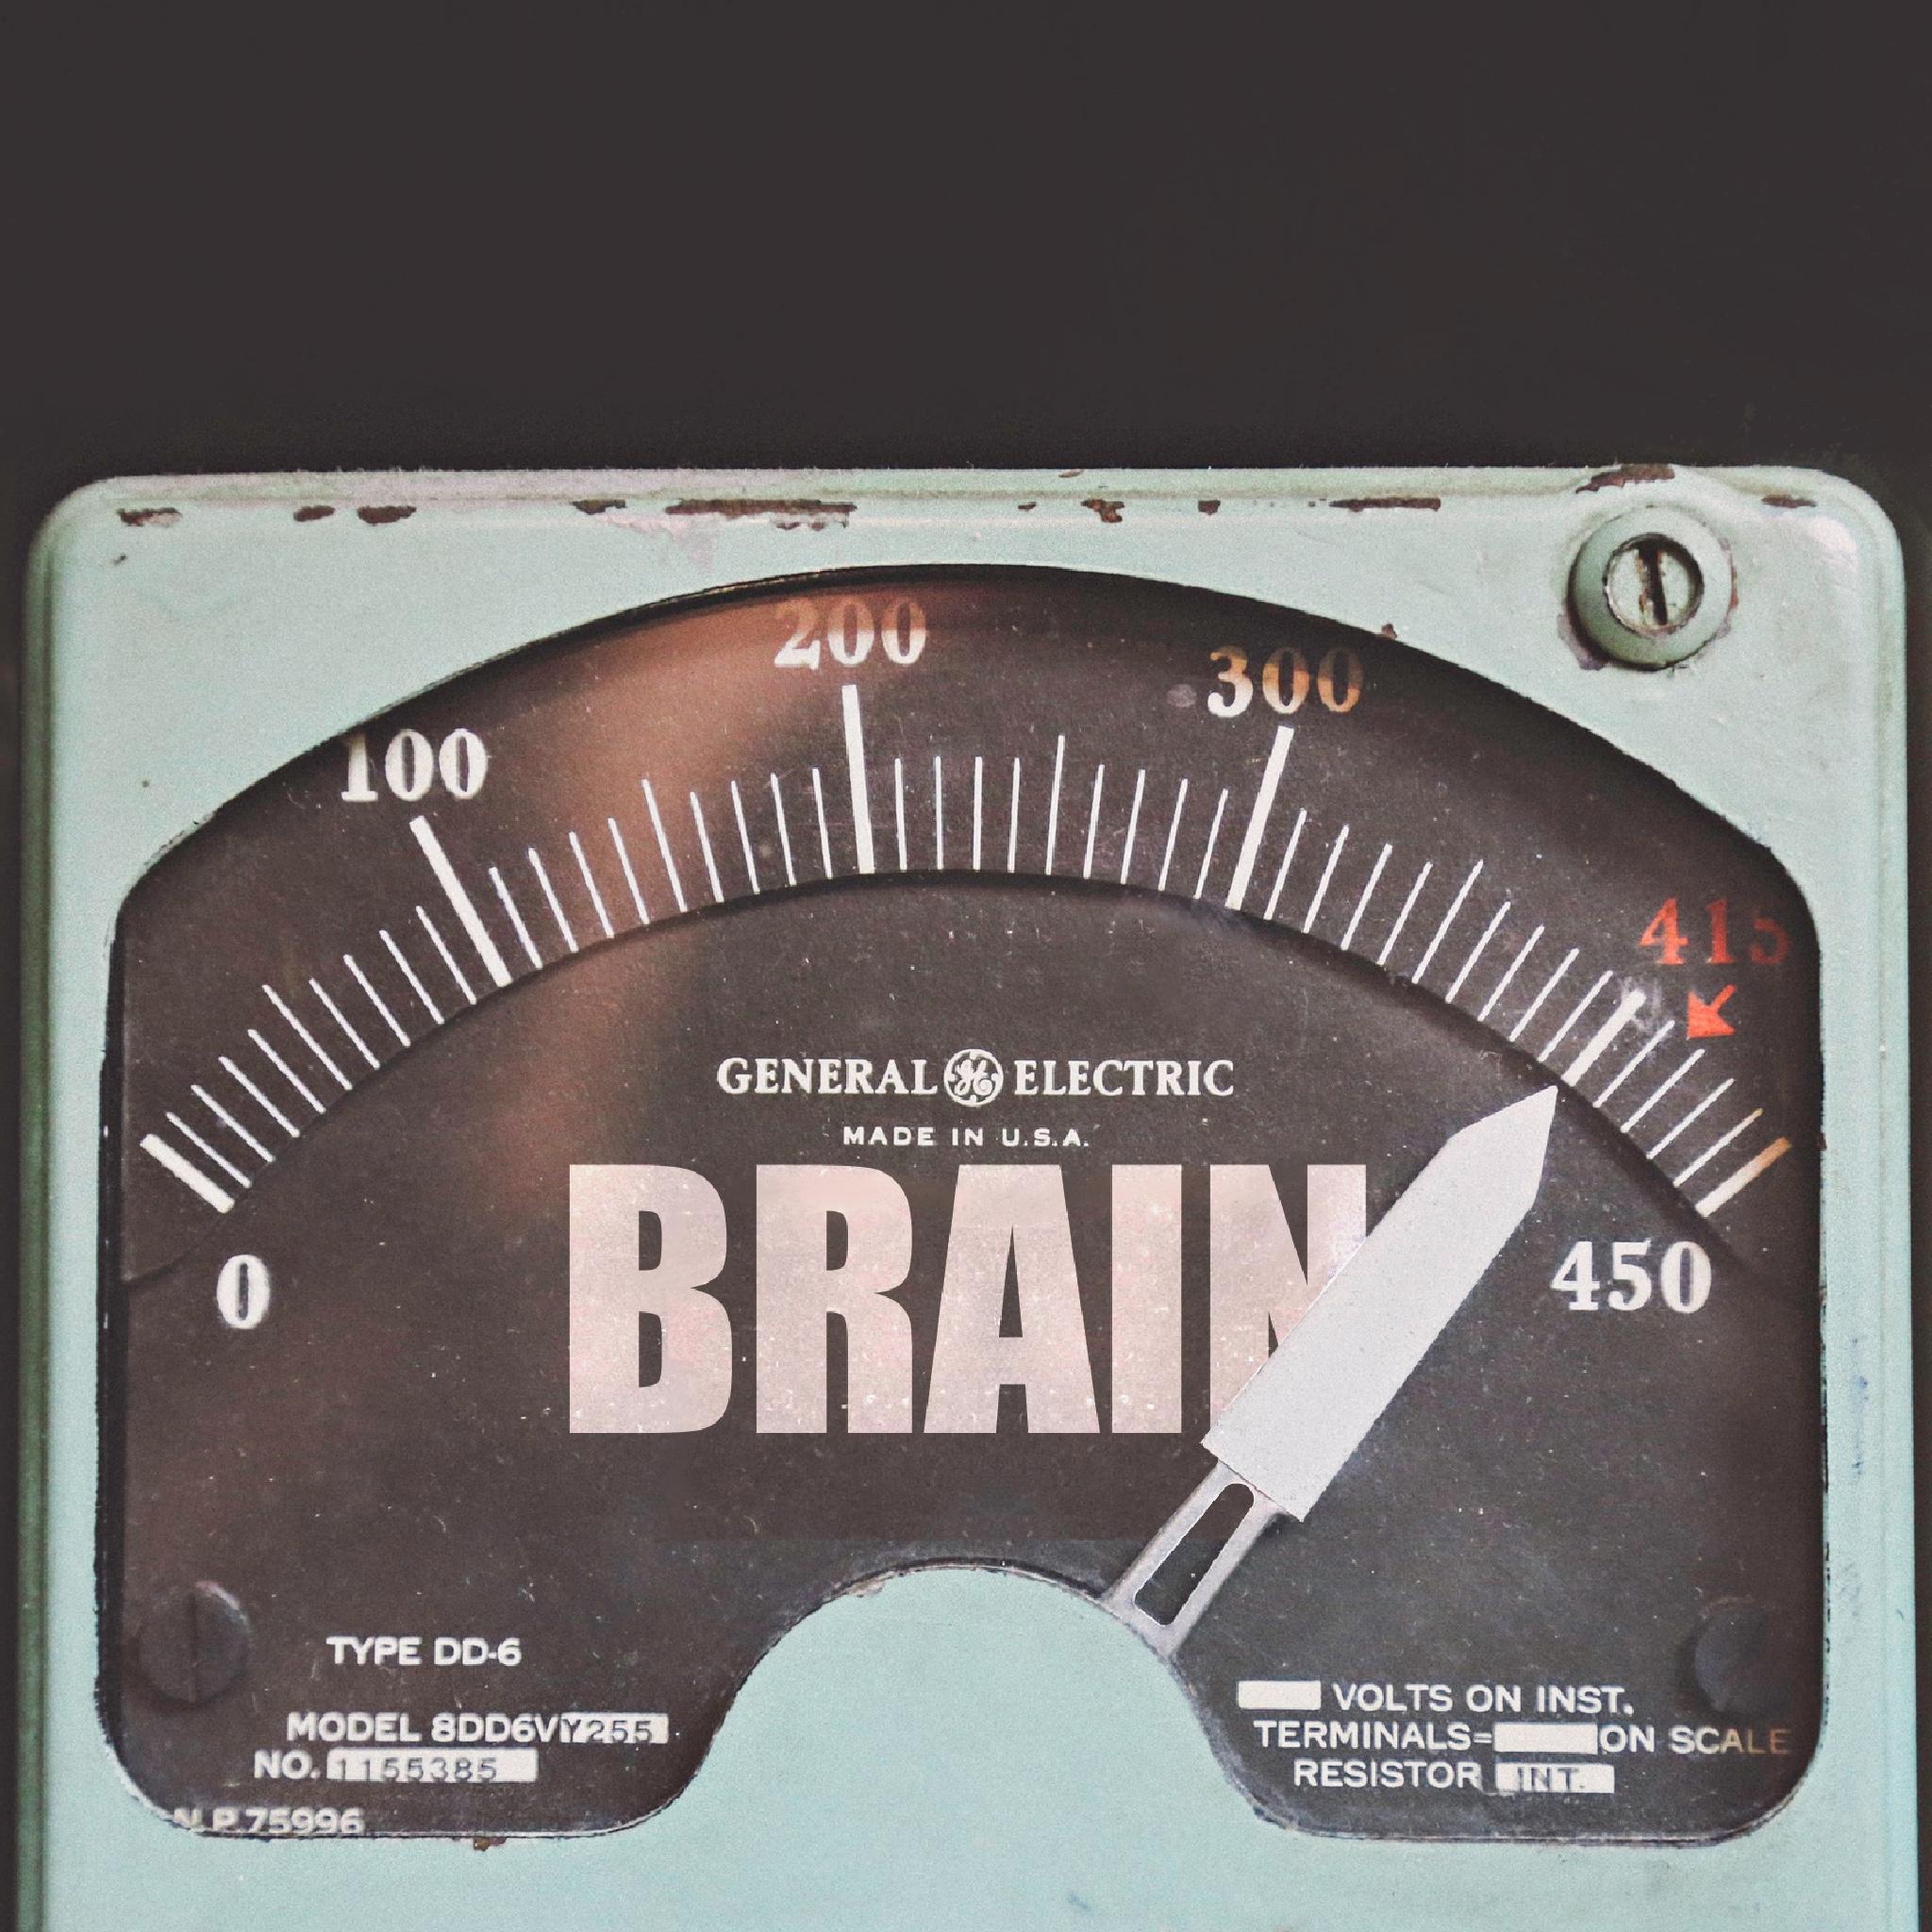 Steigere deine Gehirnleistung